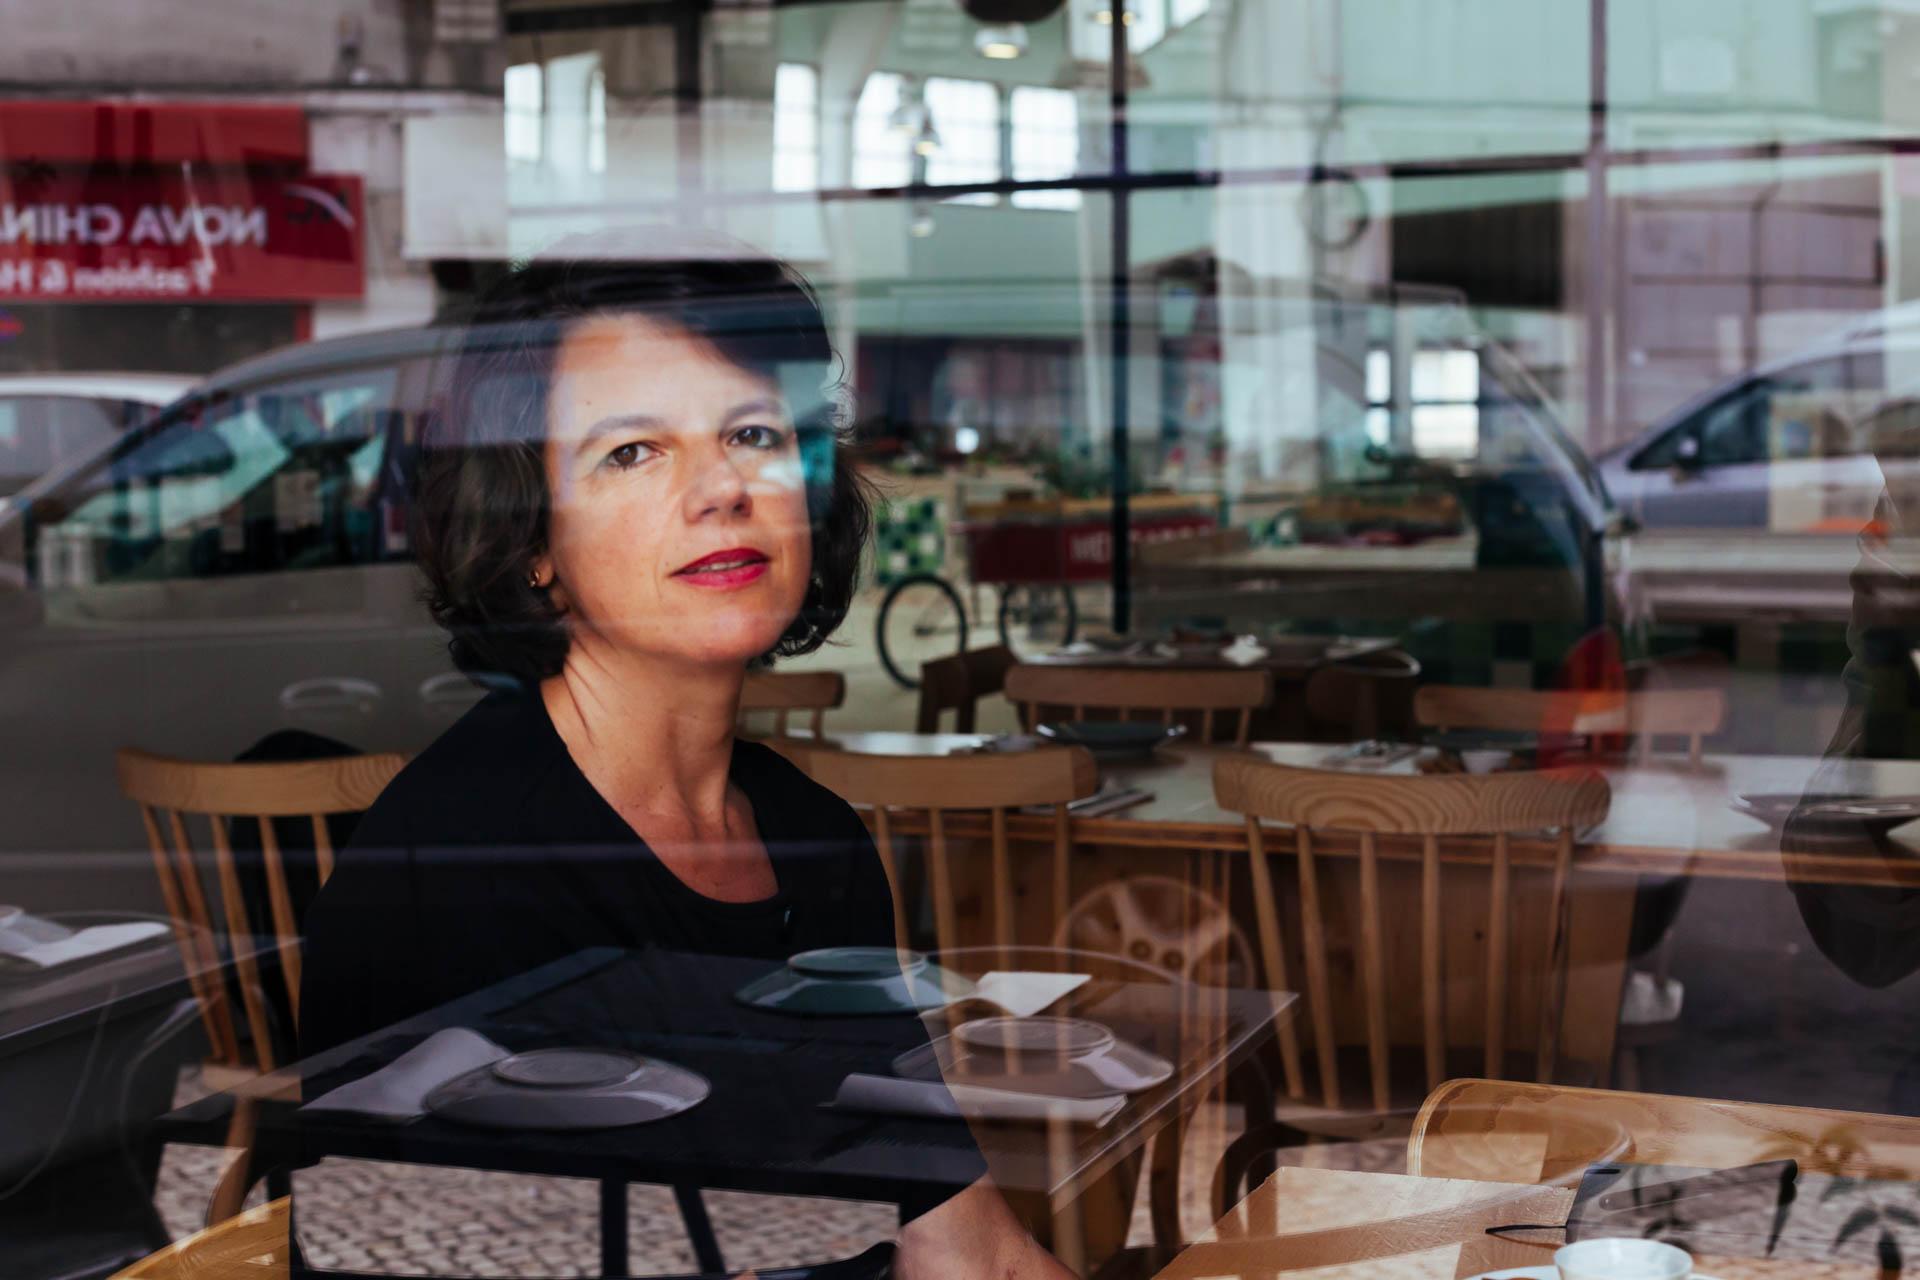 Francisca Gorjão Henriques, jornalista, para campanha Mais. Devagar. do Esporão